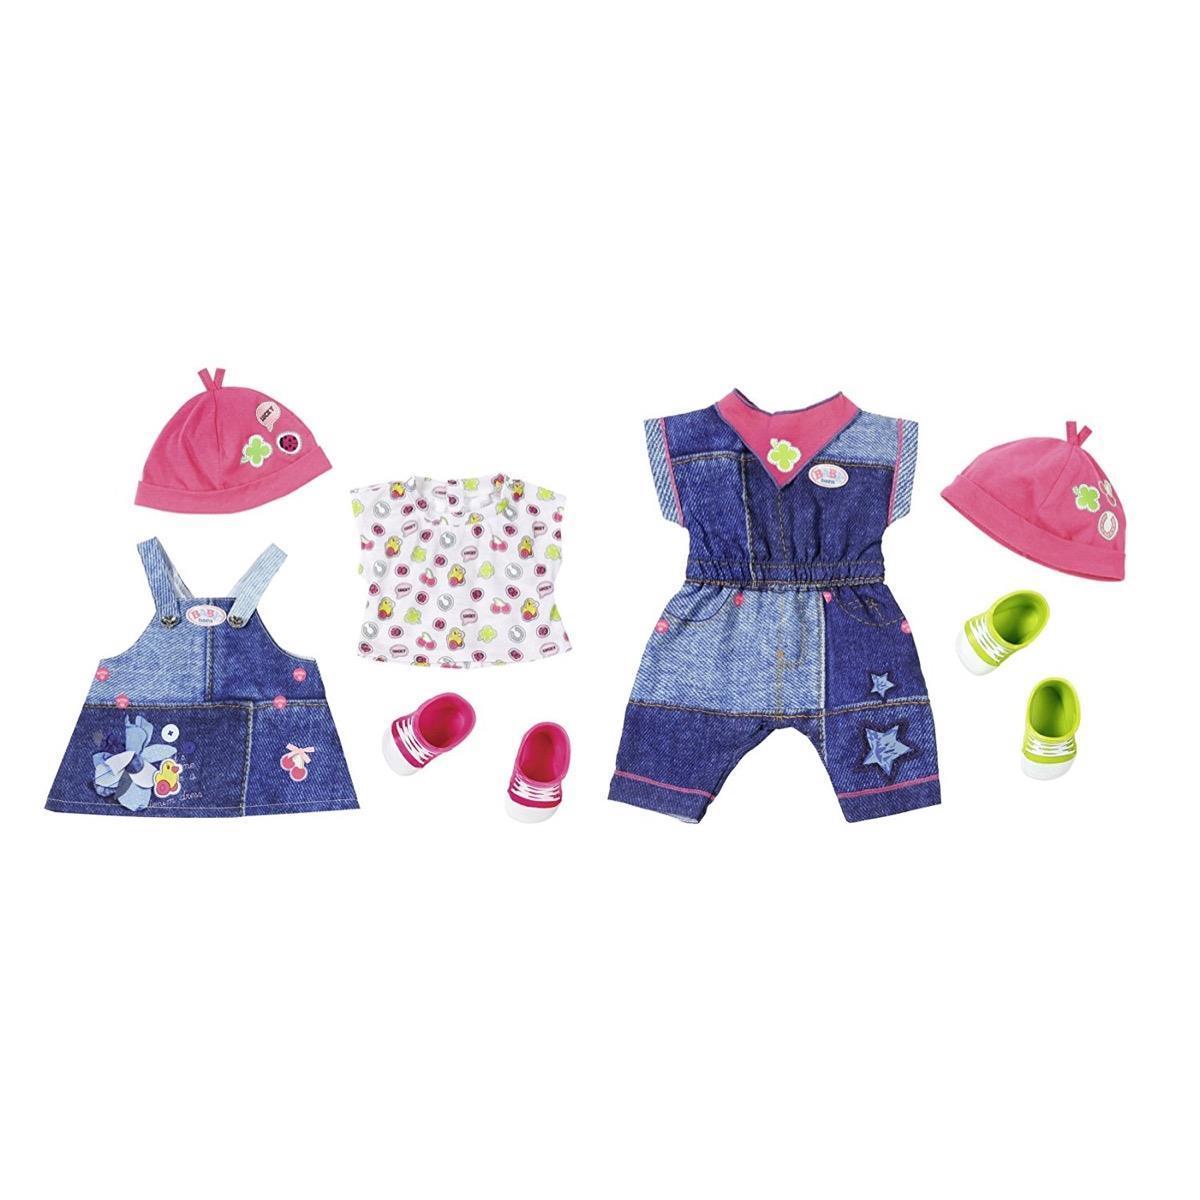 Bild 1 von 1 Set BABY born Deluxe Jeans Collection, Puppen-Kleiderset, 3 Jahr(e), Mehrfarben, 43 cm, Mädchen, 43 cm, 2-fach sortiert